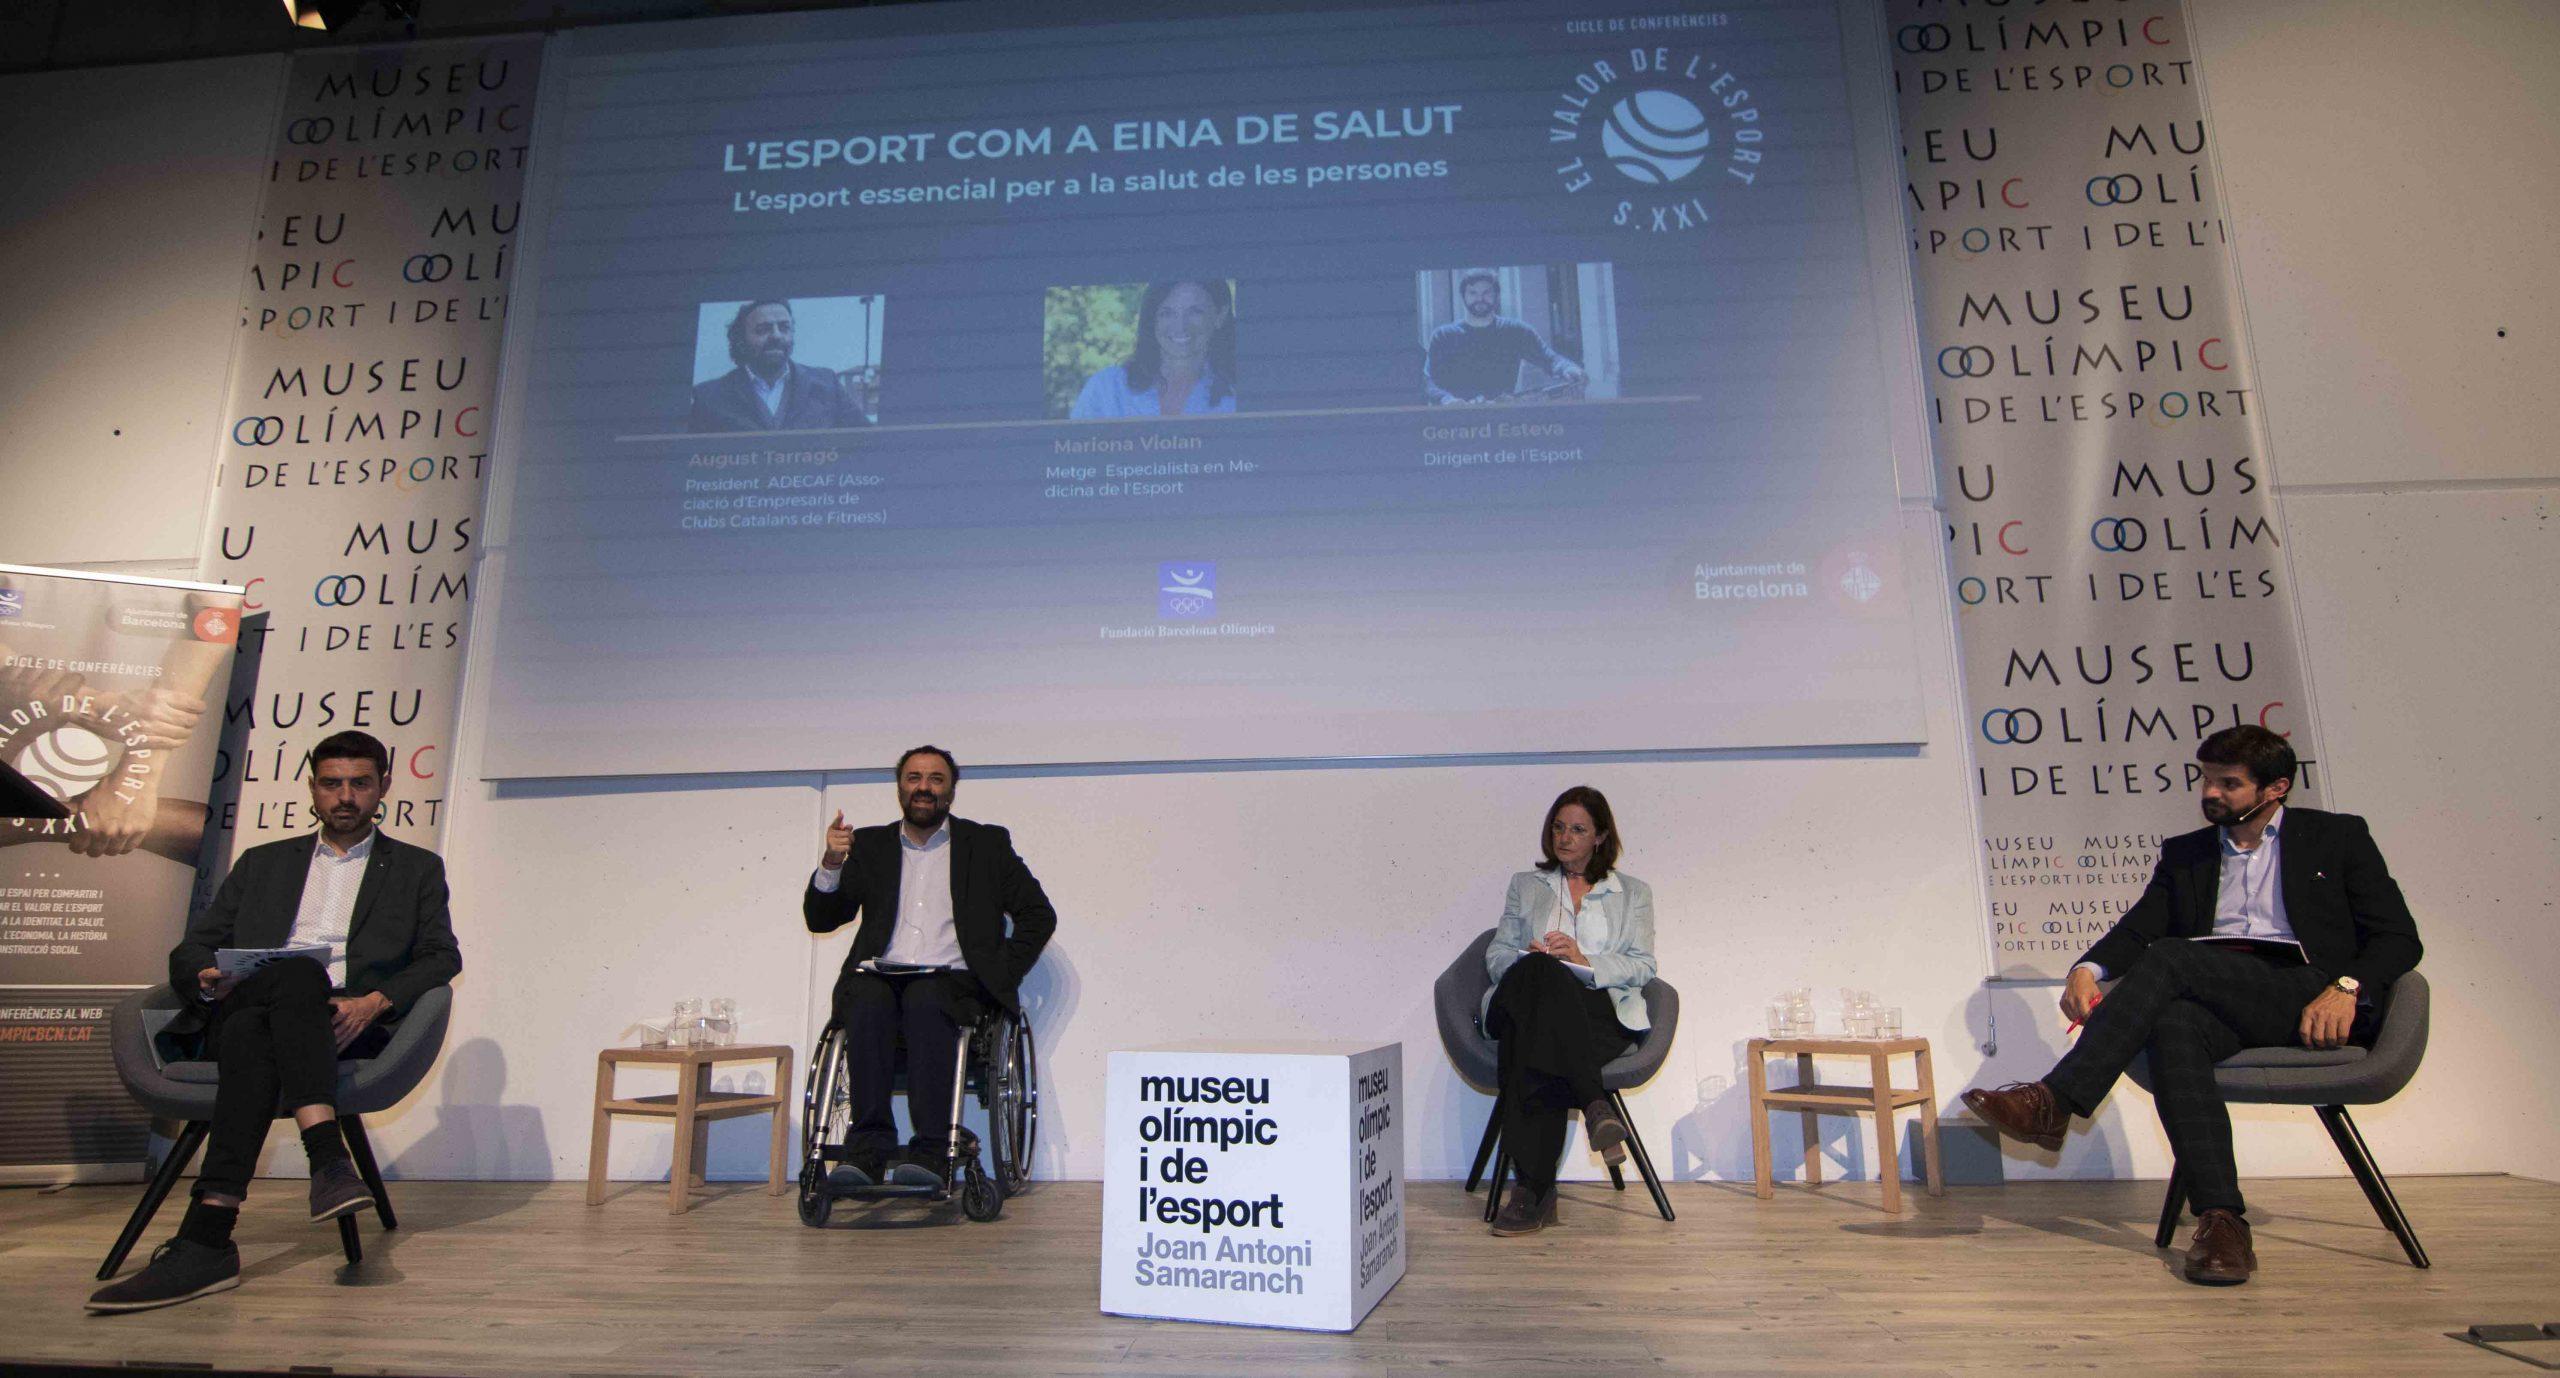 Valor_del_esport-Museu_olimpic-Tarrago-Violan-Esteva